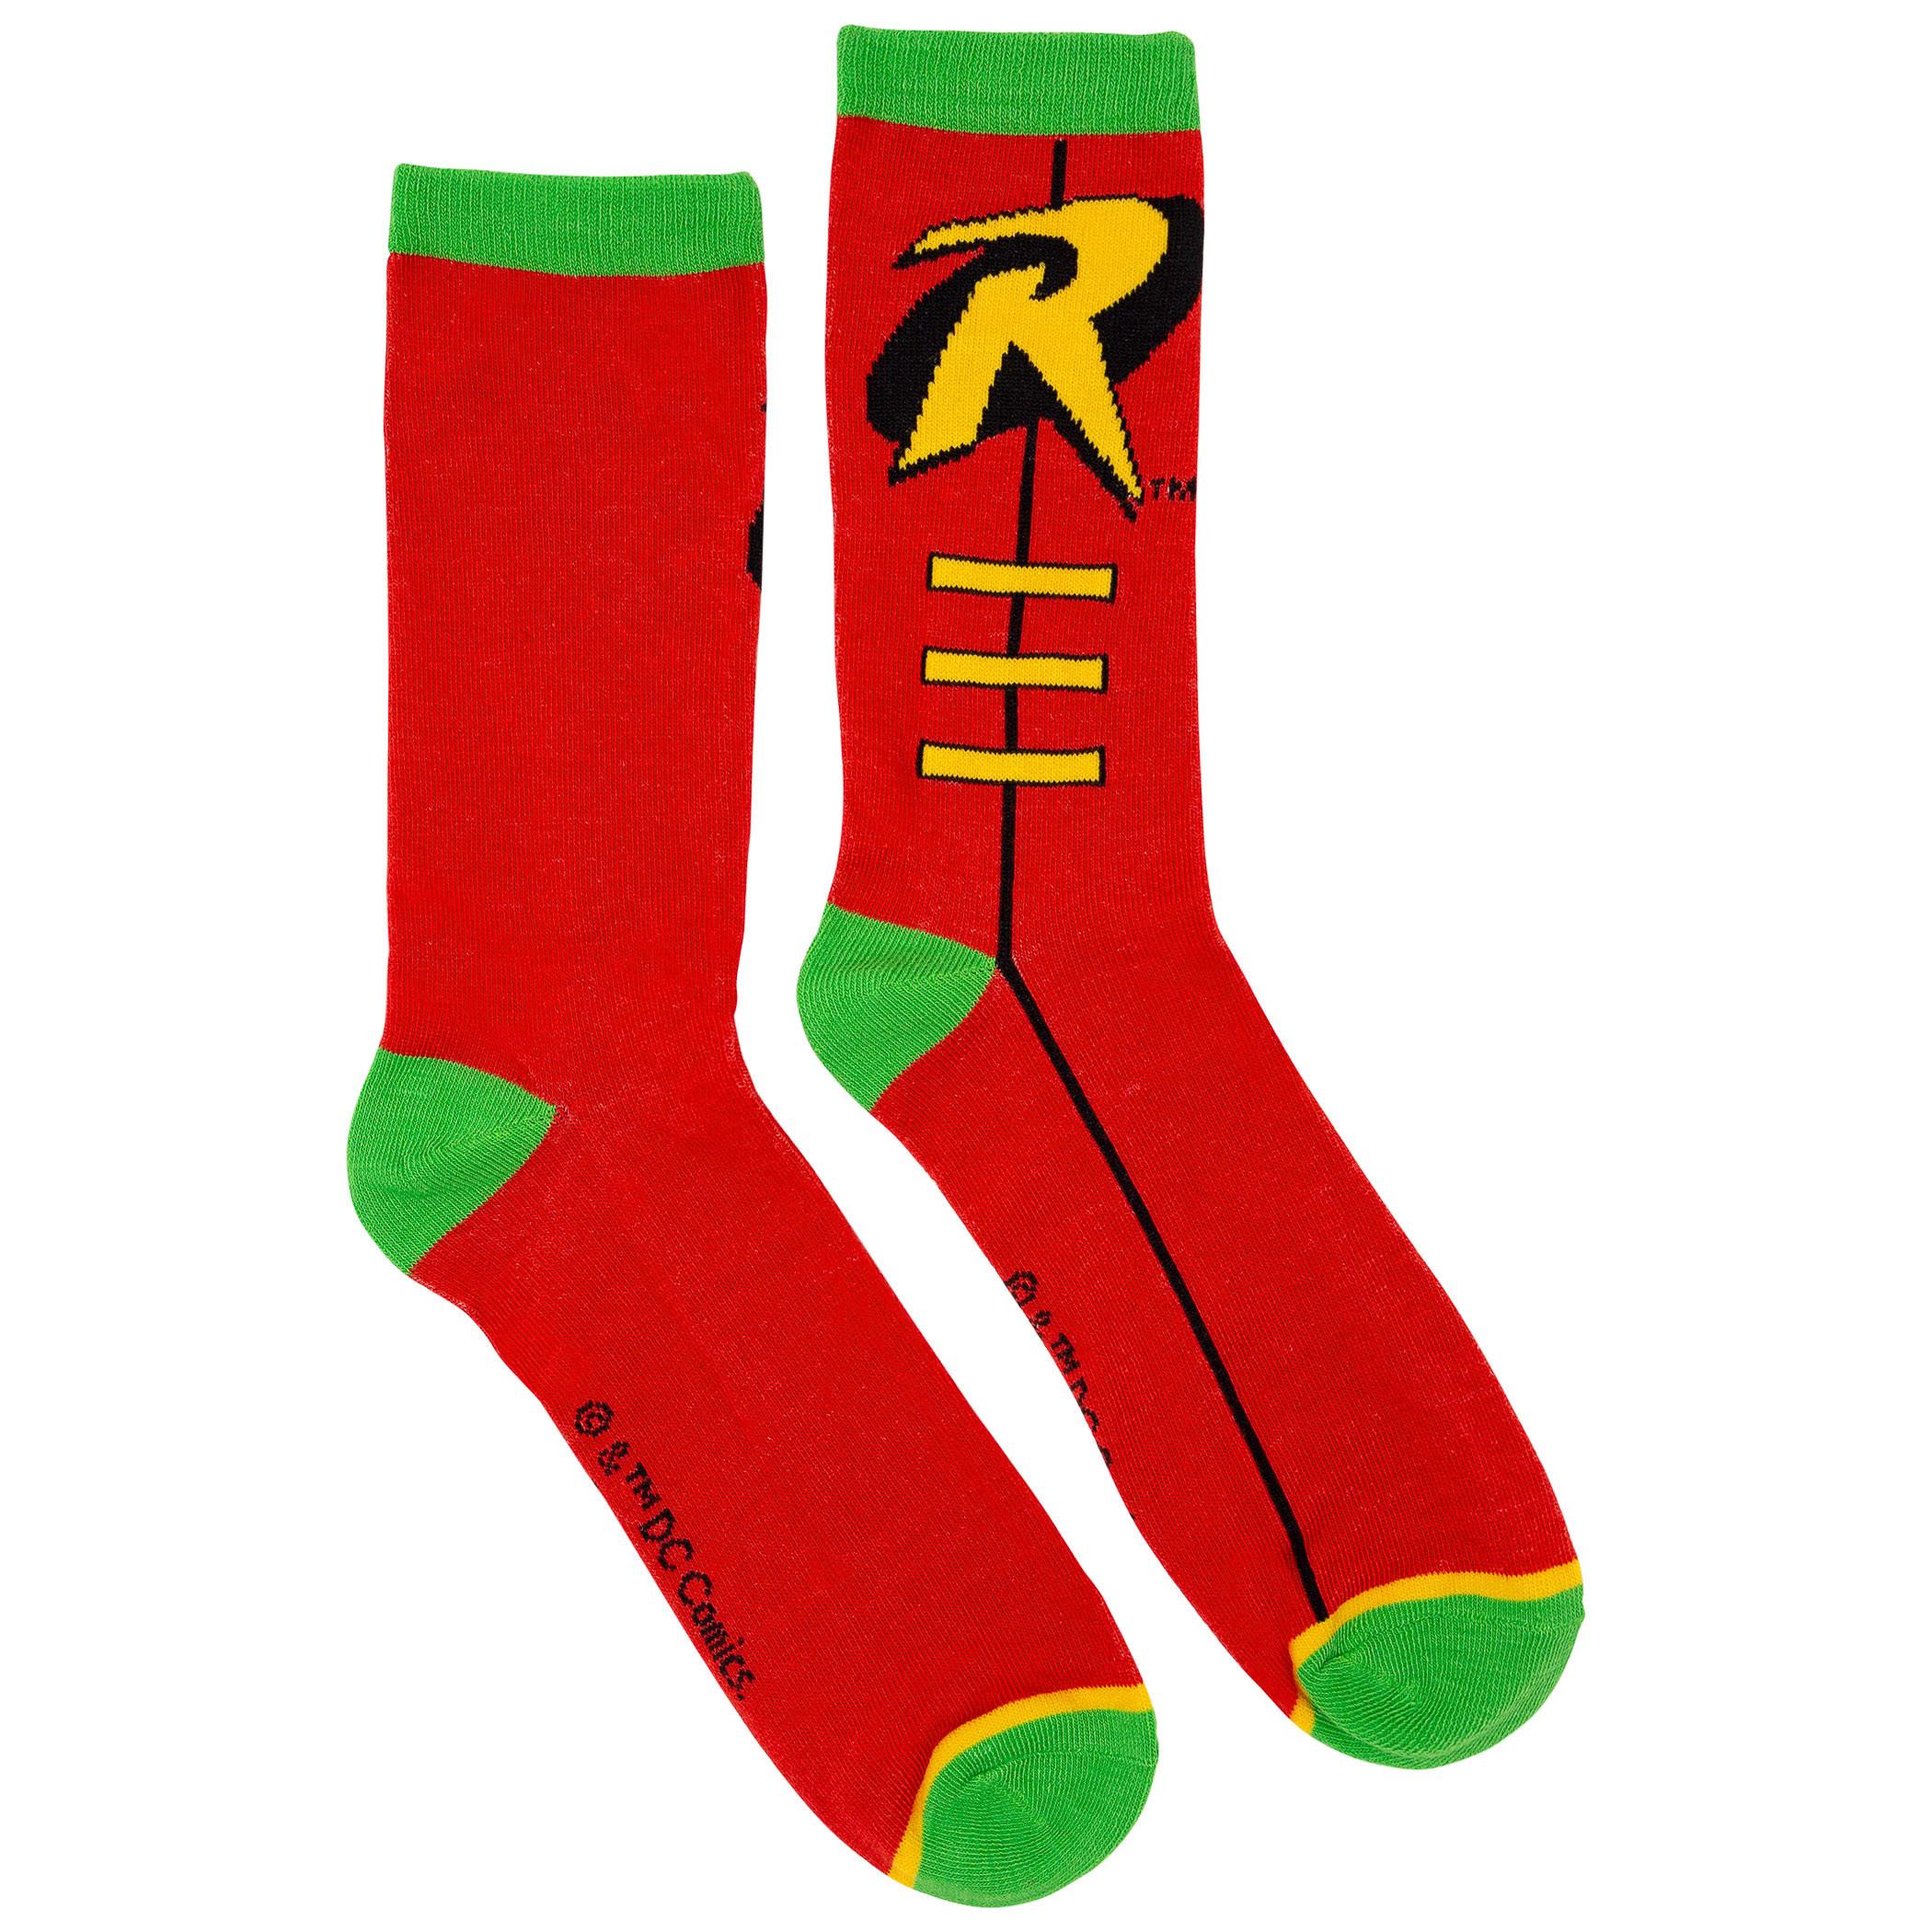 Batman and Robin Costume Symbol Crew Socks 2-Pair Pack